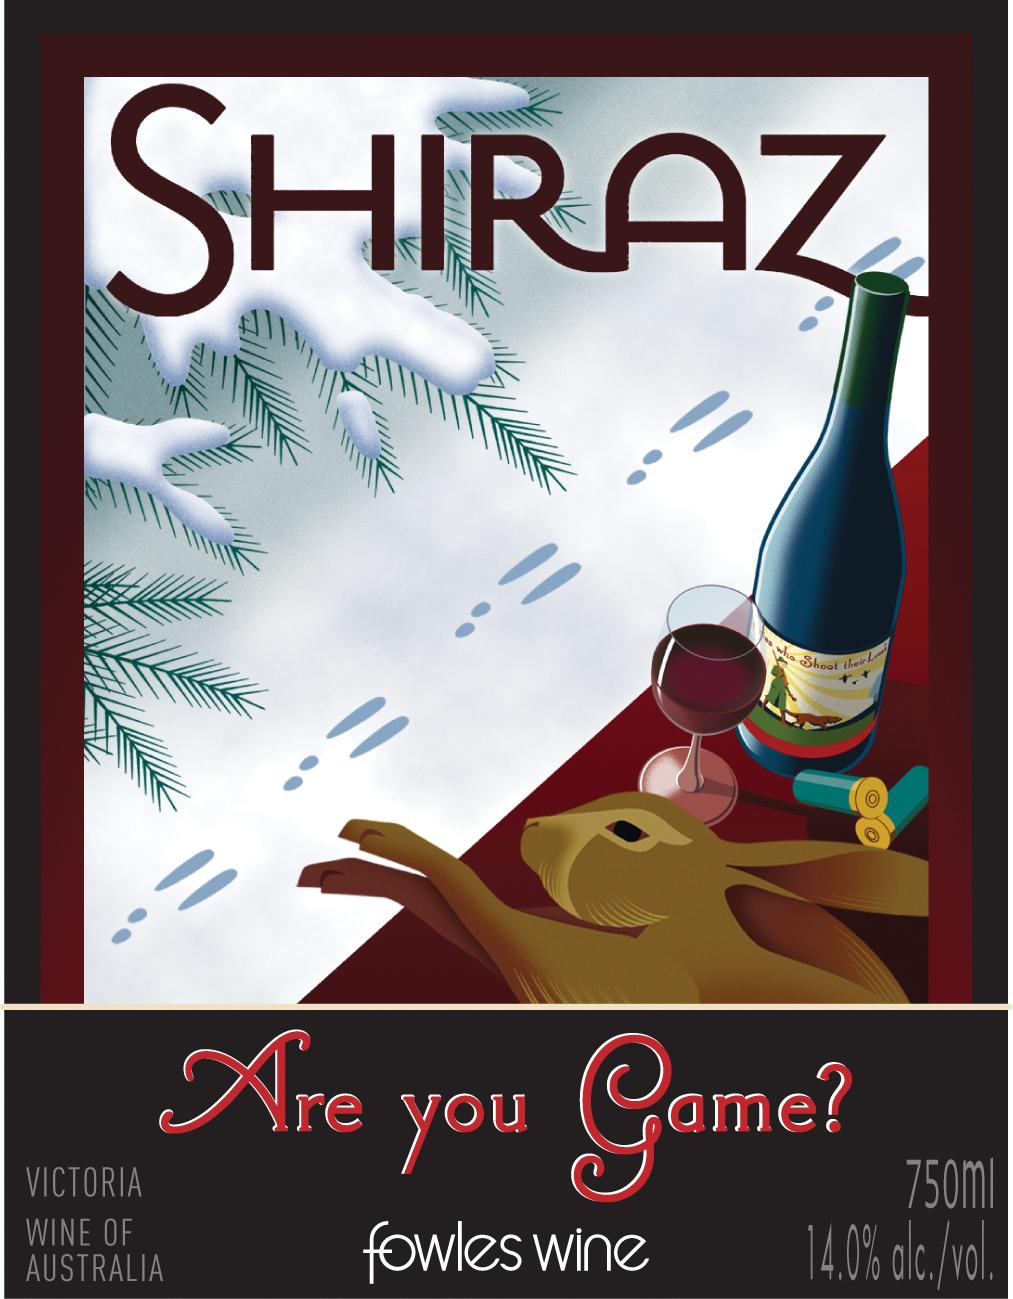 2013 Fowles Wine Shiraz Are You Game Victoria